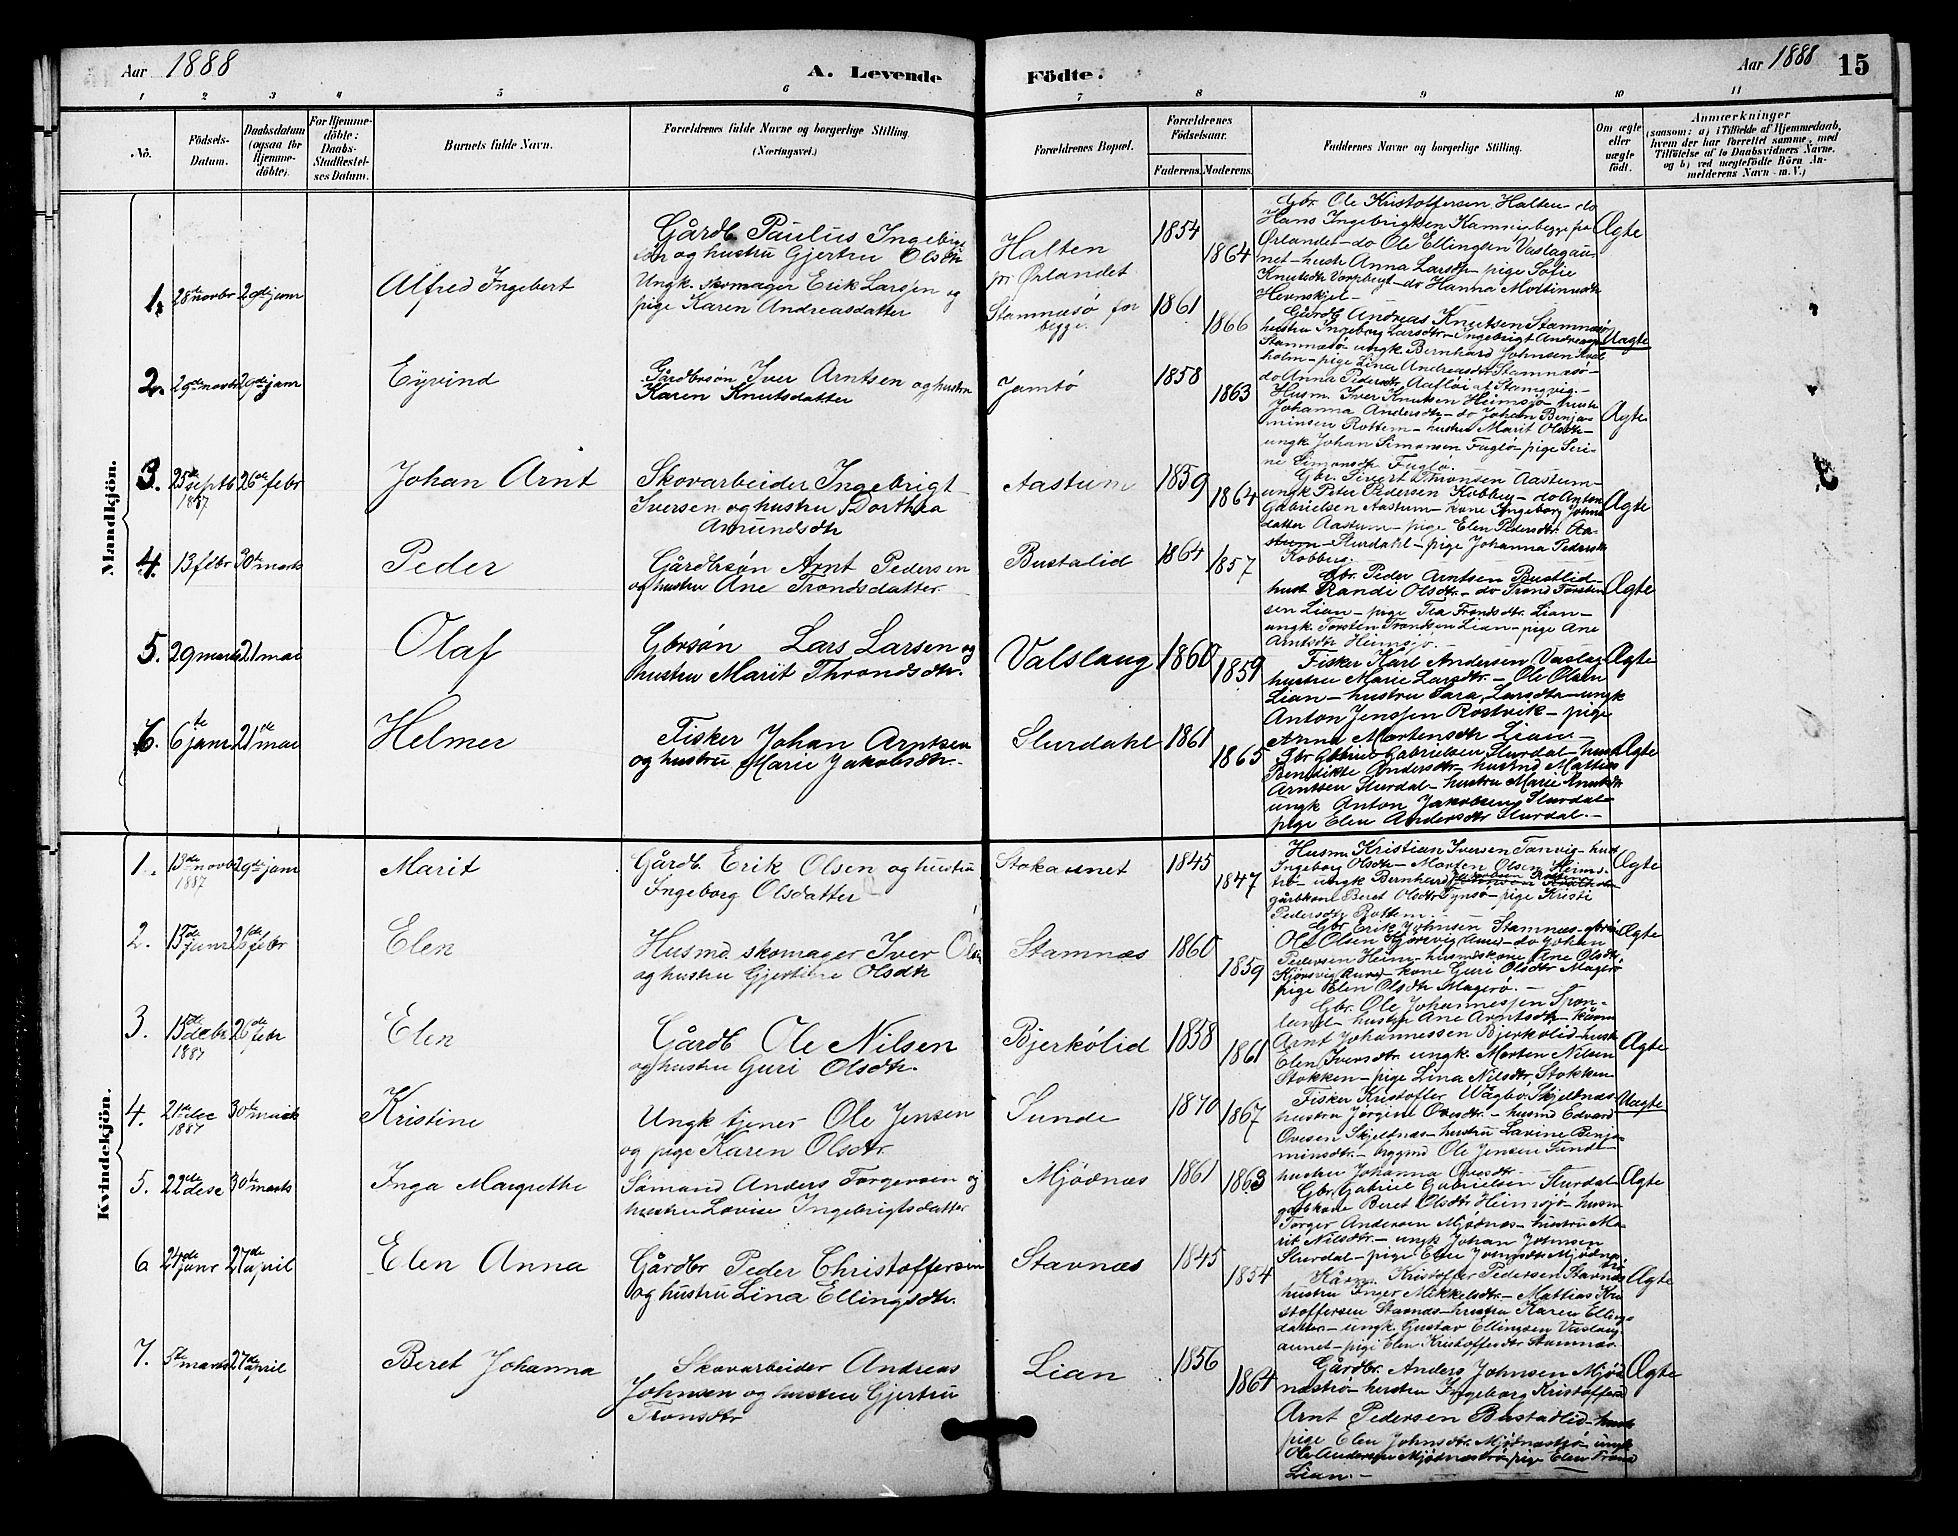 SAT, Ministerialprotokoller, klokkerbøker og fødselsregistre - Sør-Trøndelag, 633/L0519: Klokkerbok nr. 633C01, 1884-1905, s. 15